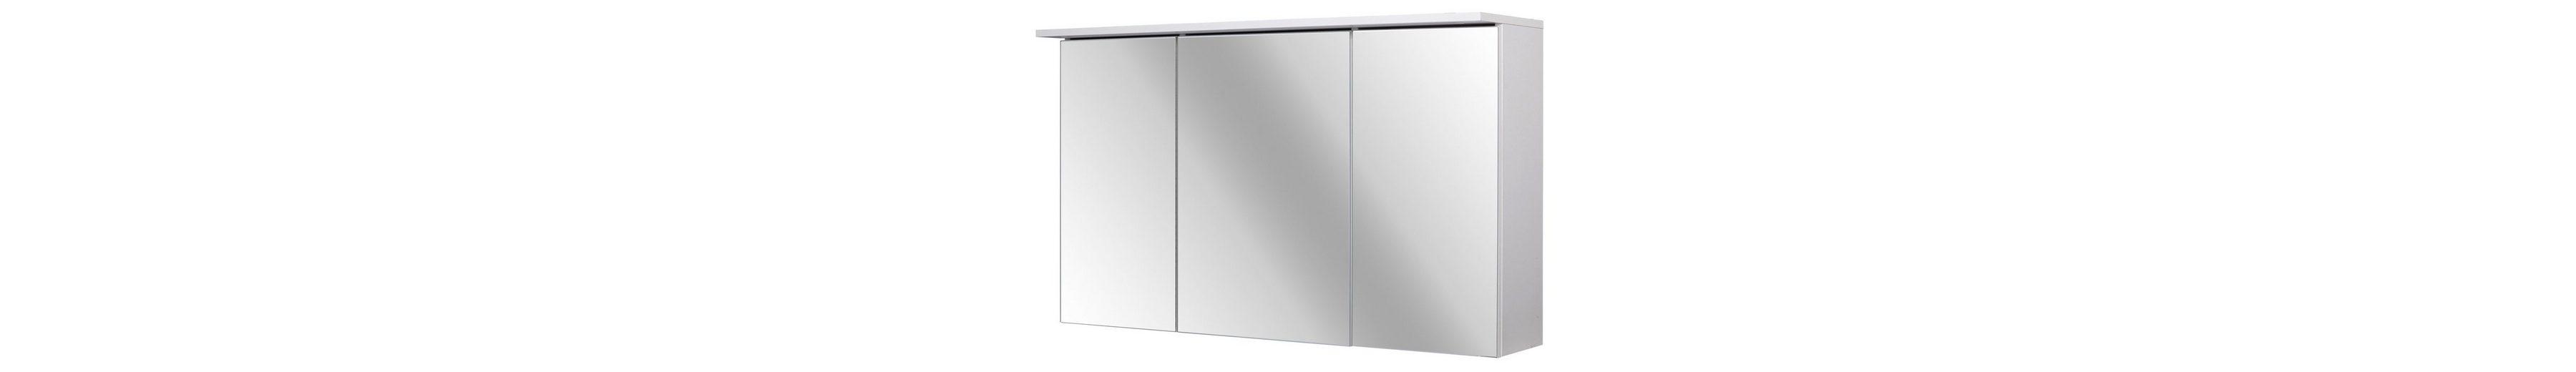 Spiegelschrank »Flex«, Breite 100 cm